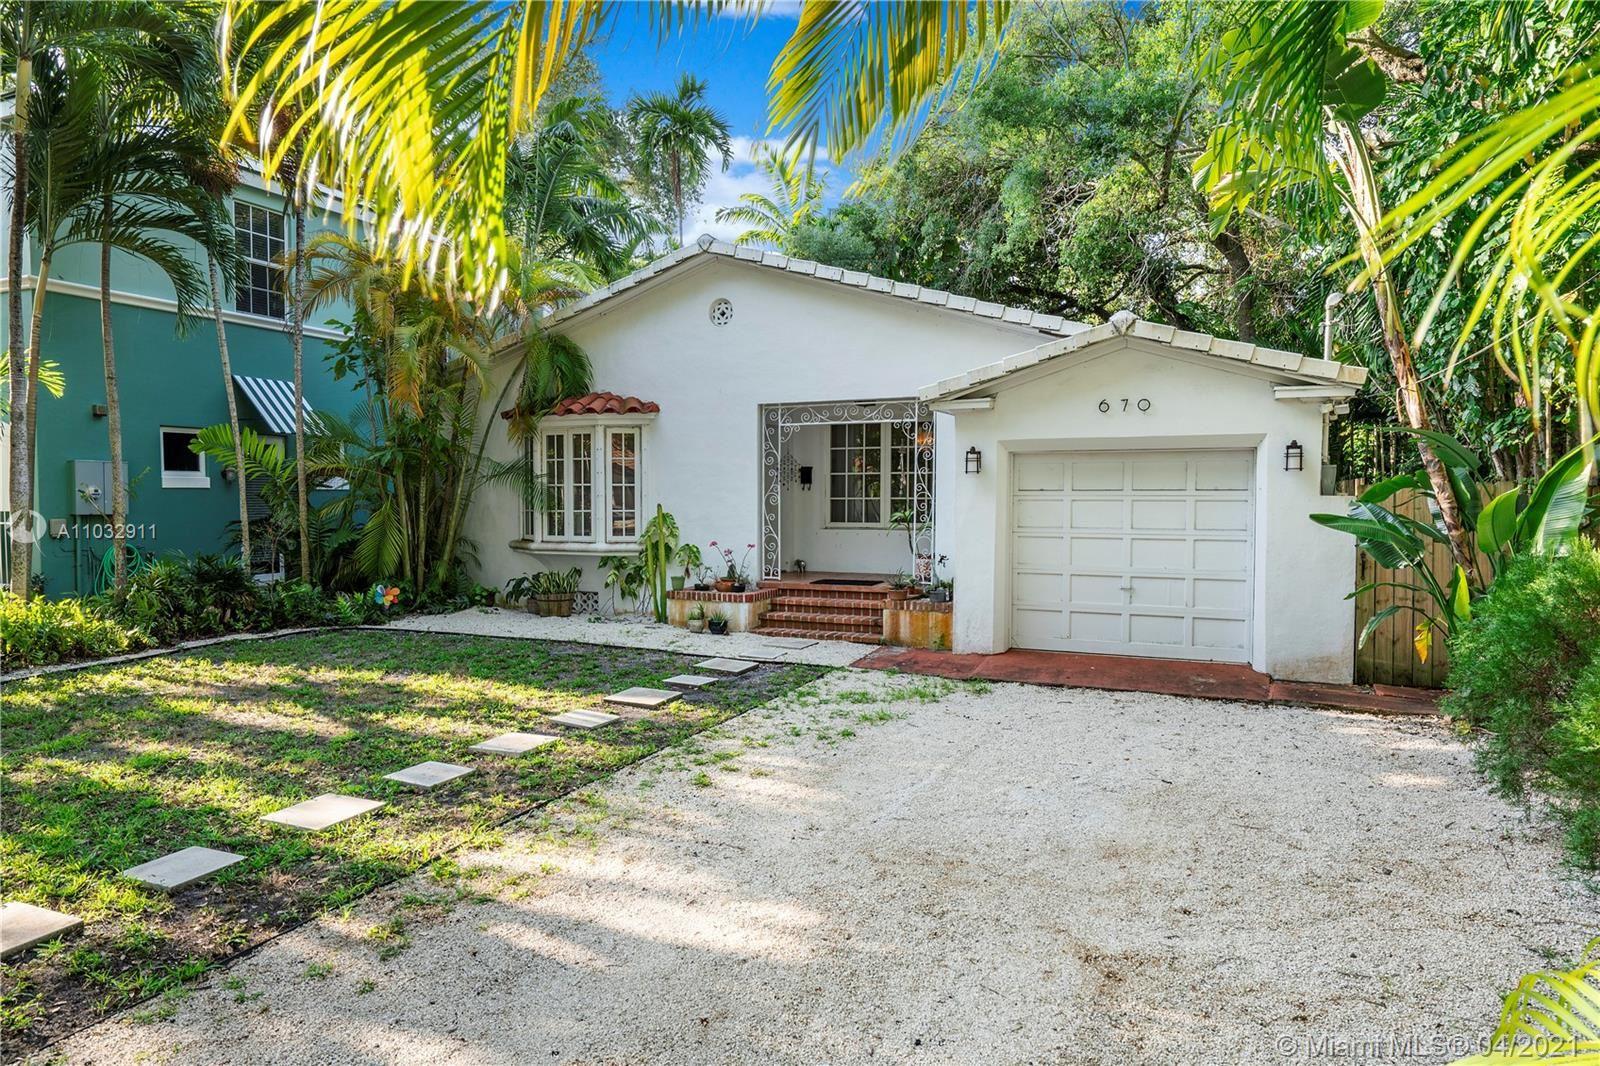 670 NE 69th St, Miami, FL 33138 - #: A11032911